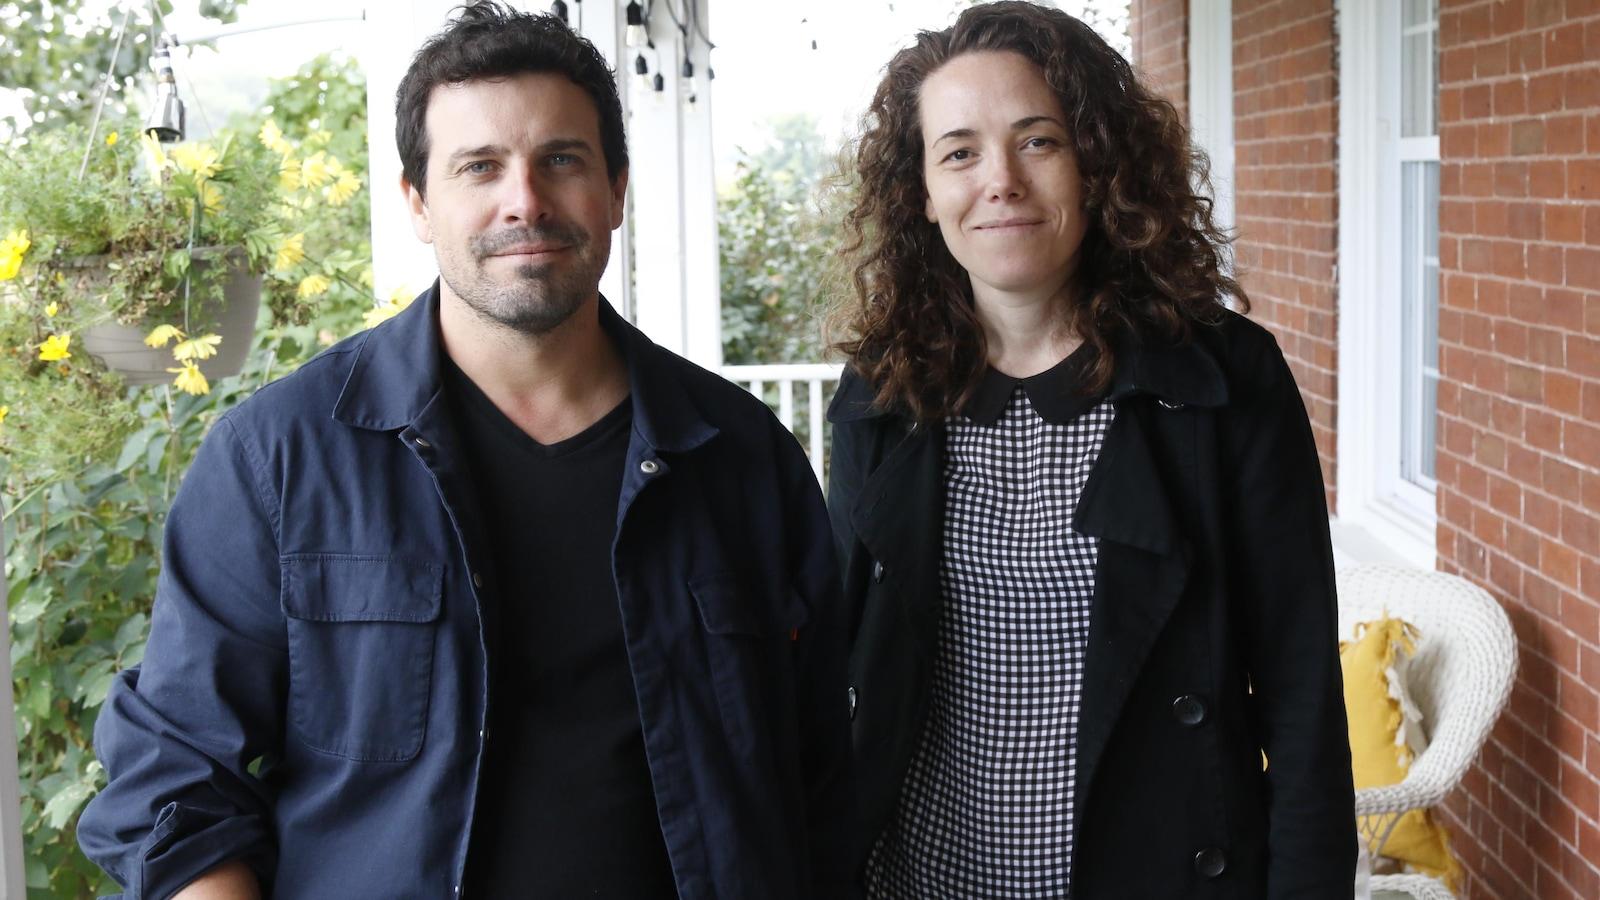 les réalisateurs Christian Laurence et Myriam Verreault.